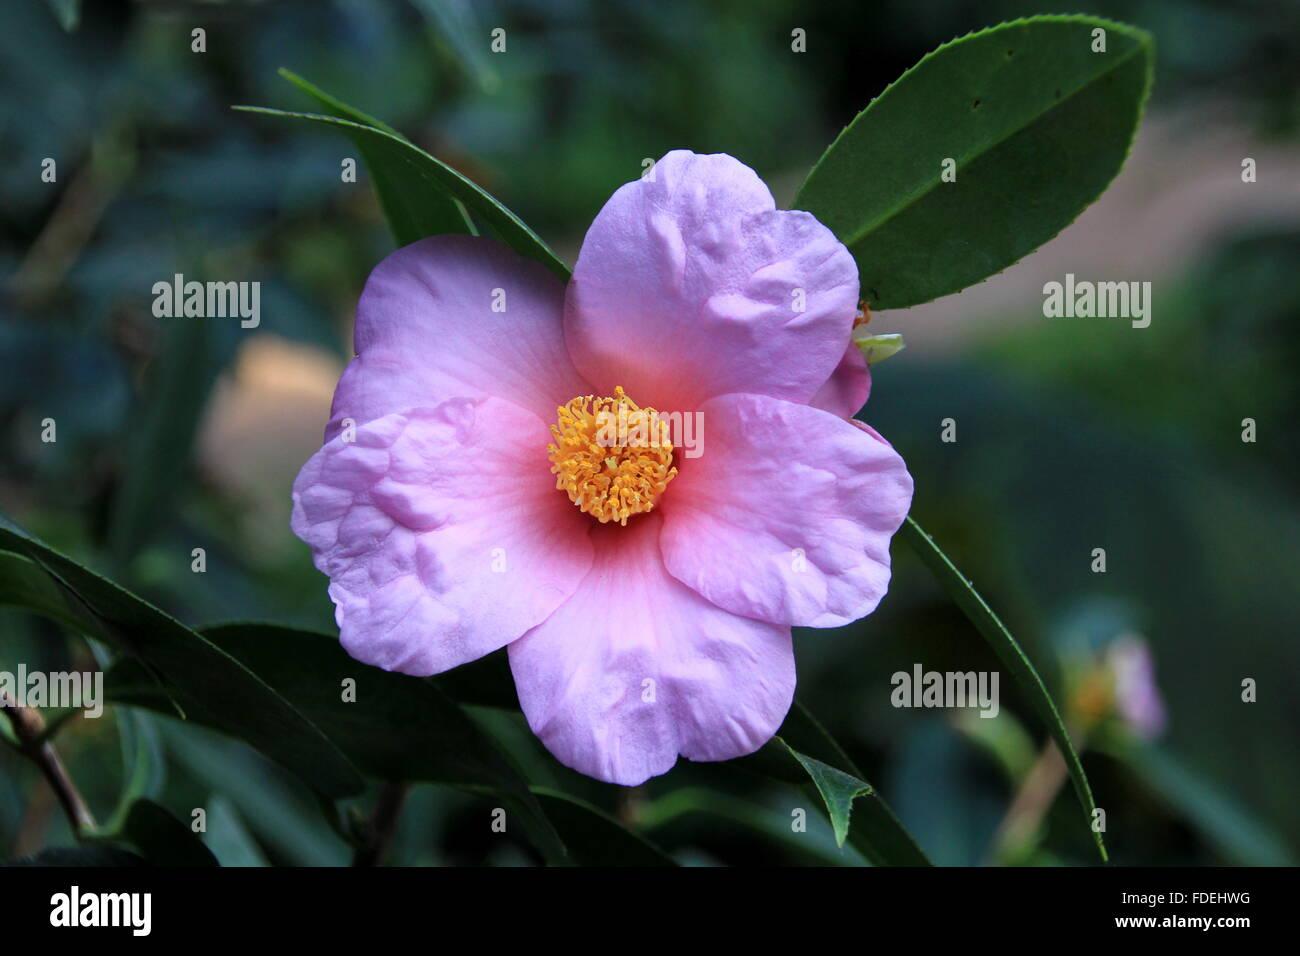 Bella viola camelia fiore in giardino Immagini Stock